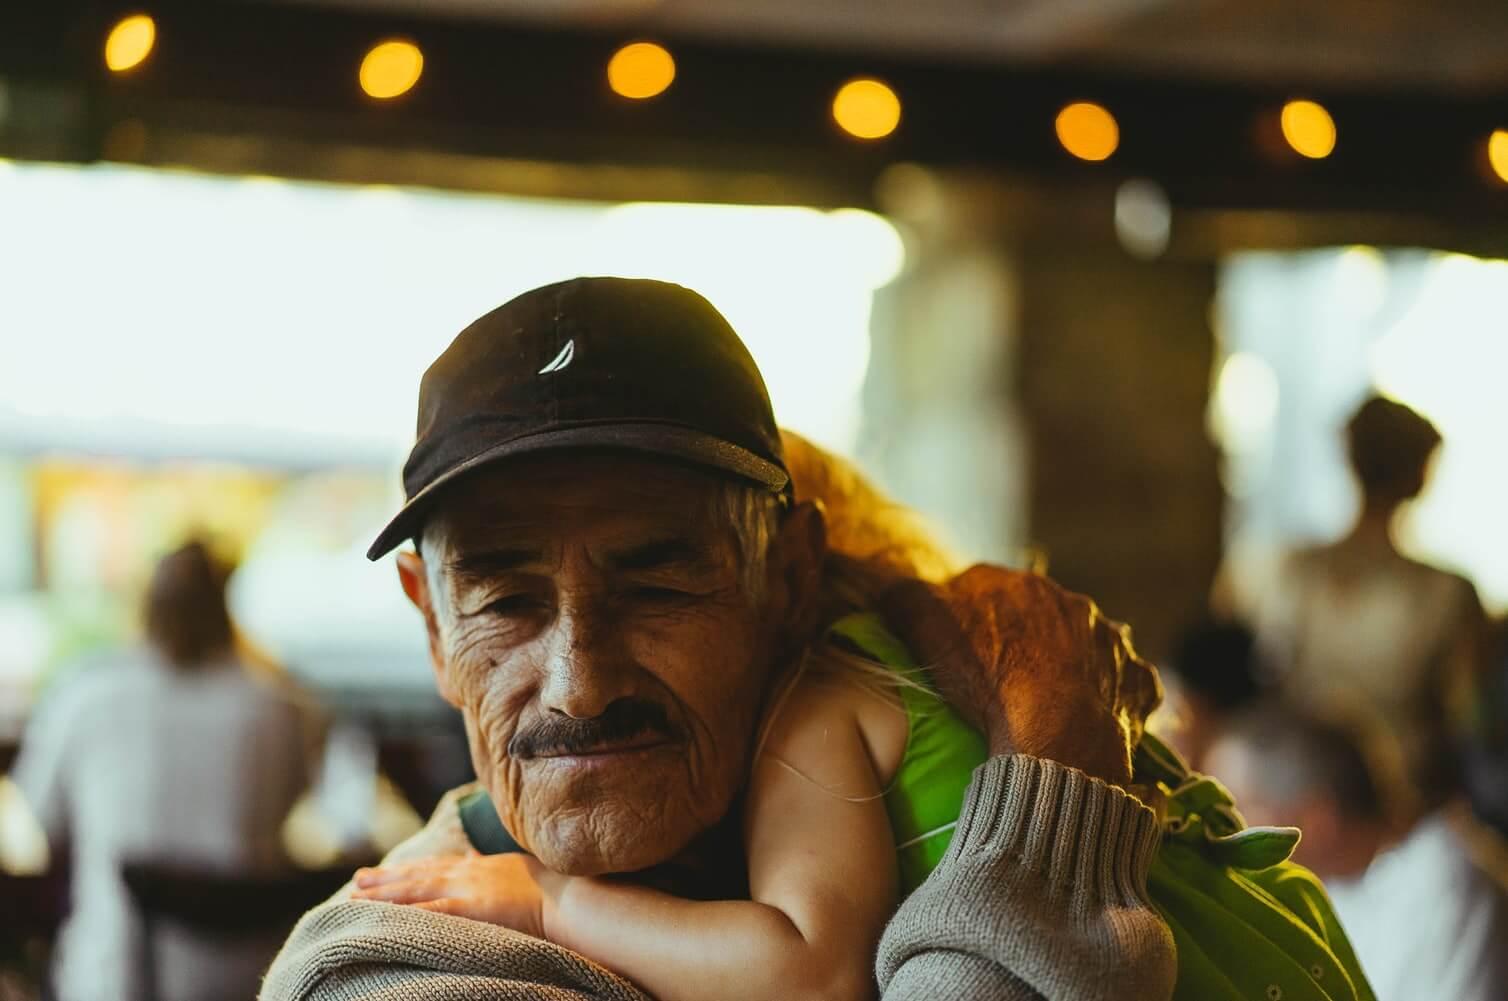 Ne daju vam da se viđate s unucima? Pozovite se na ovaj članak Obiteljskog zakona!